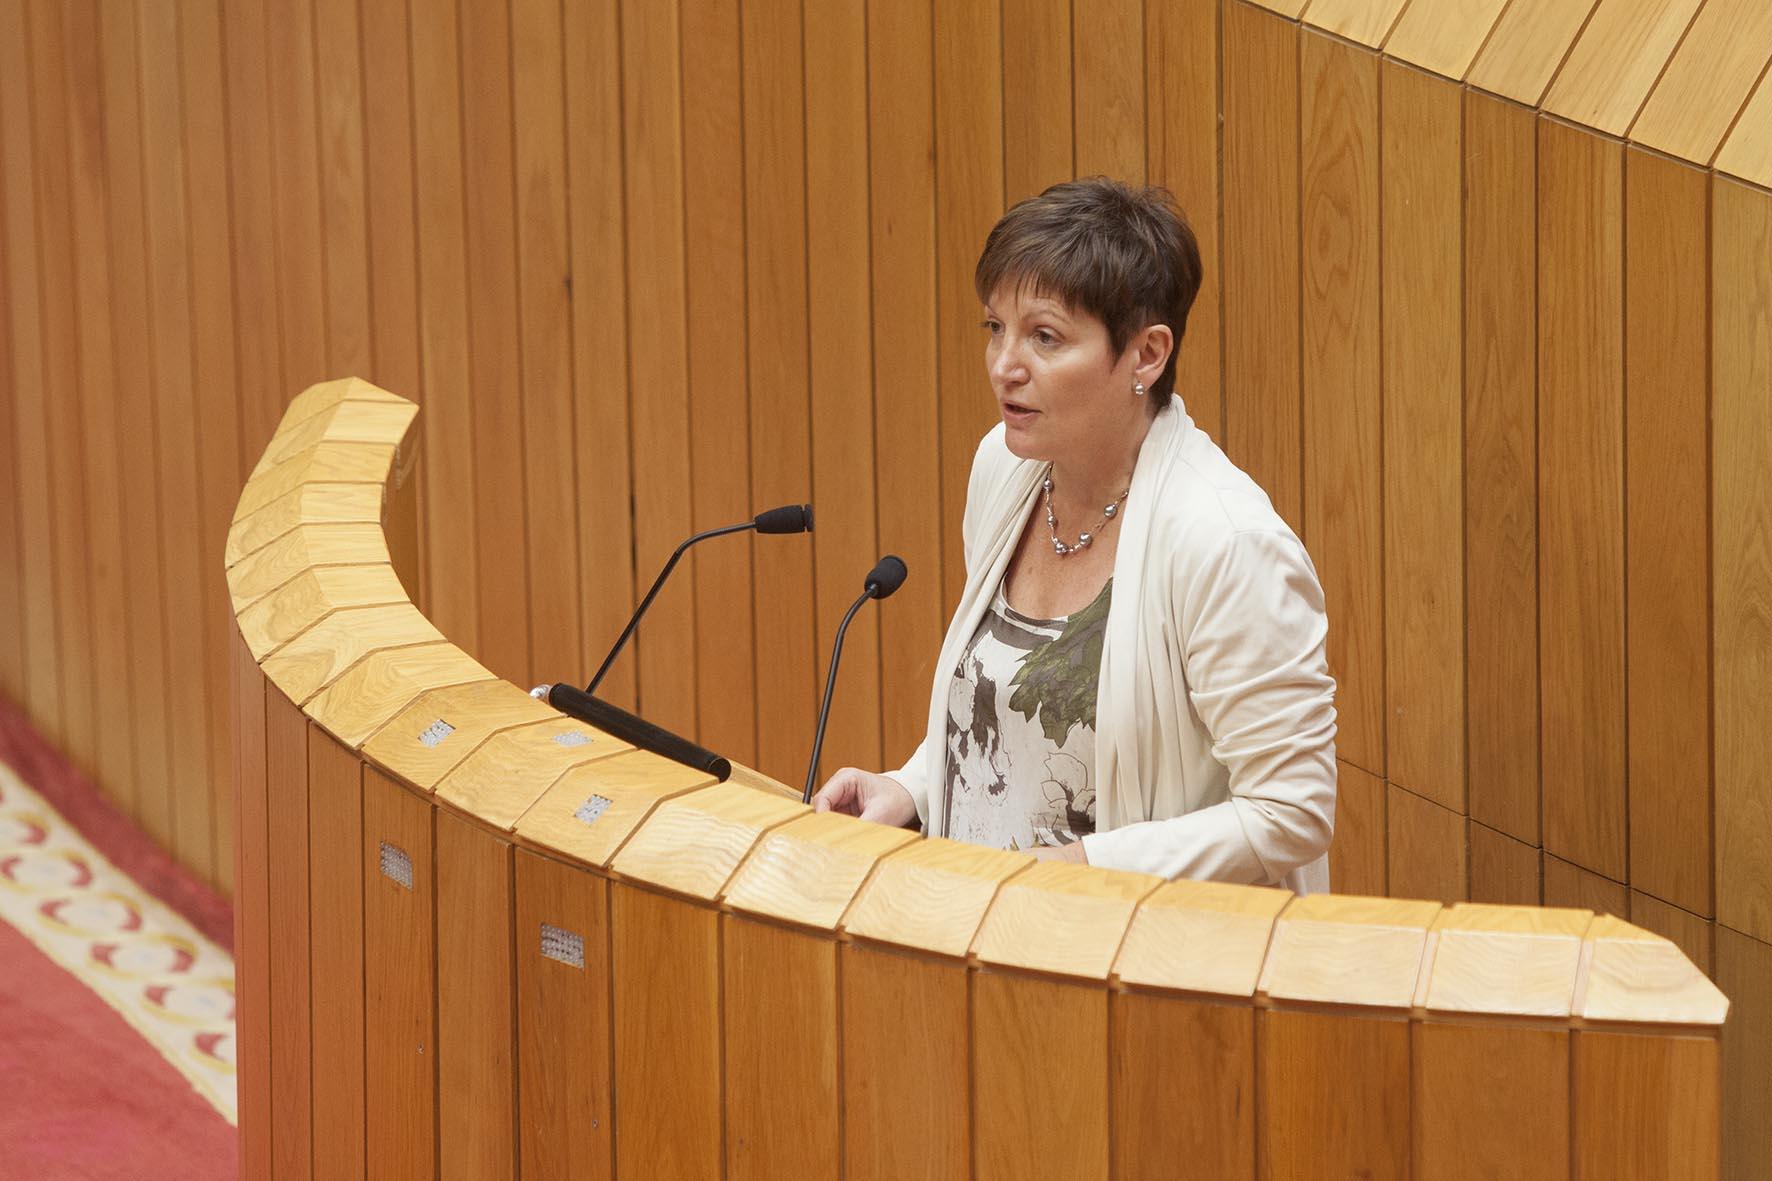 A conselleira de Sanidade, Rocío Mosquera Álvarez, informou hoxe, no Pleno do Parlamento de Galicia, das medidas postas en marcha polo seu departamento en relación ao virus do ébola.  Autor: Xoán Crepo